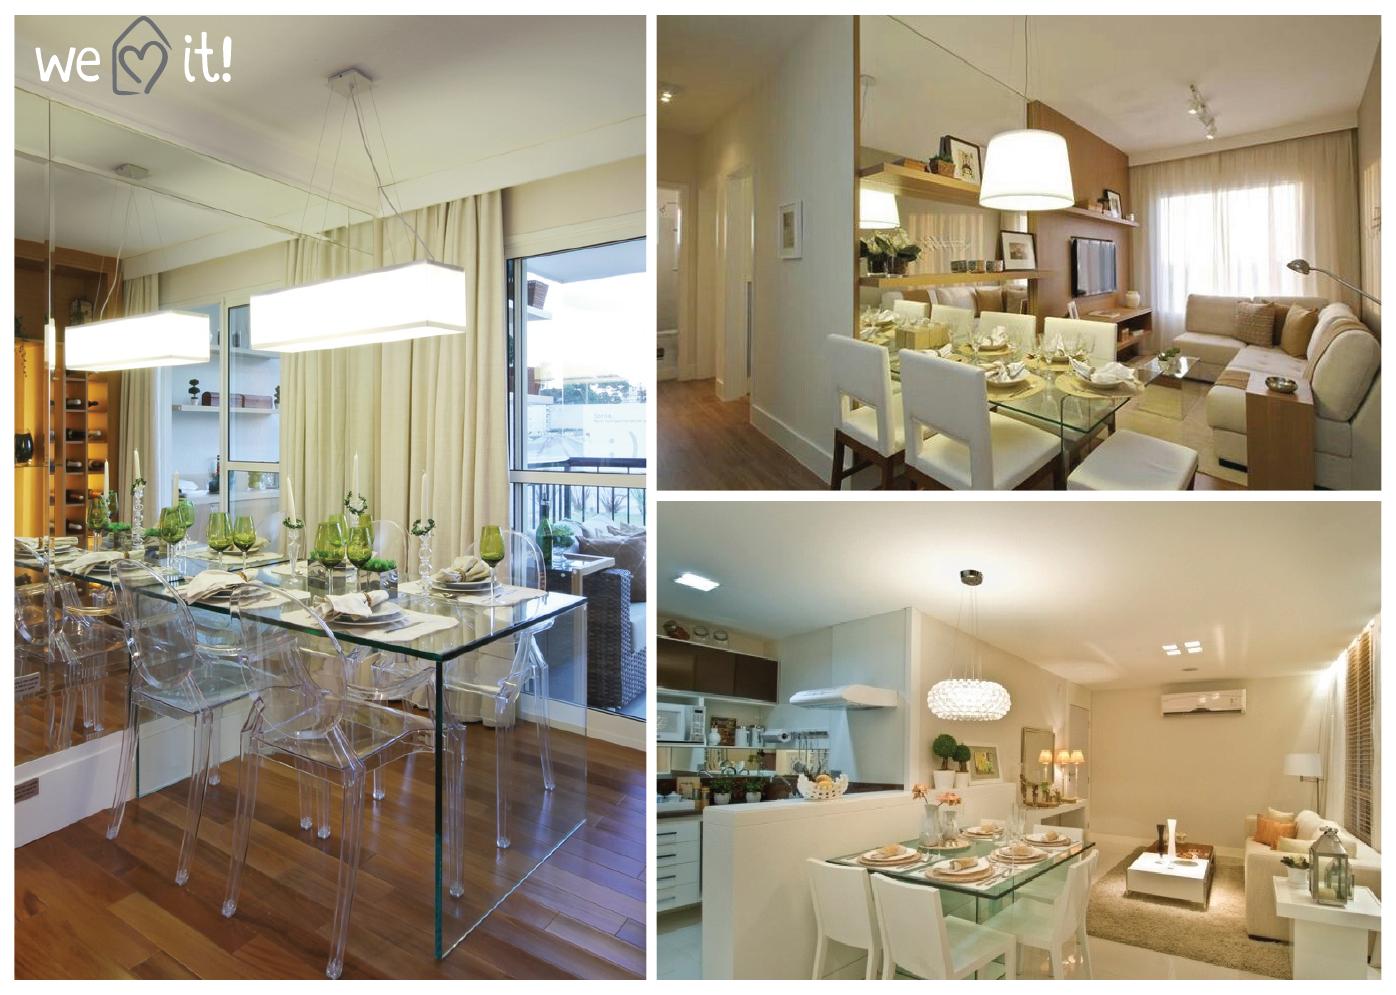 Casa das amigas tudo integrado dicas apartamentos pequenos for Ambientes interiores de casas